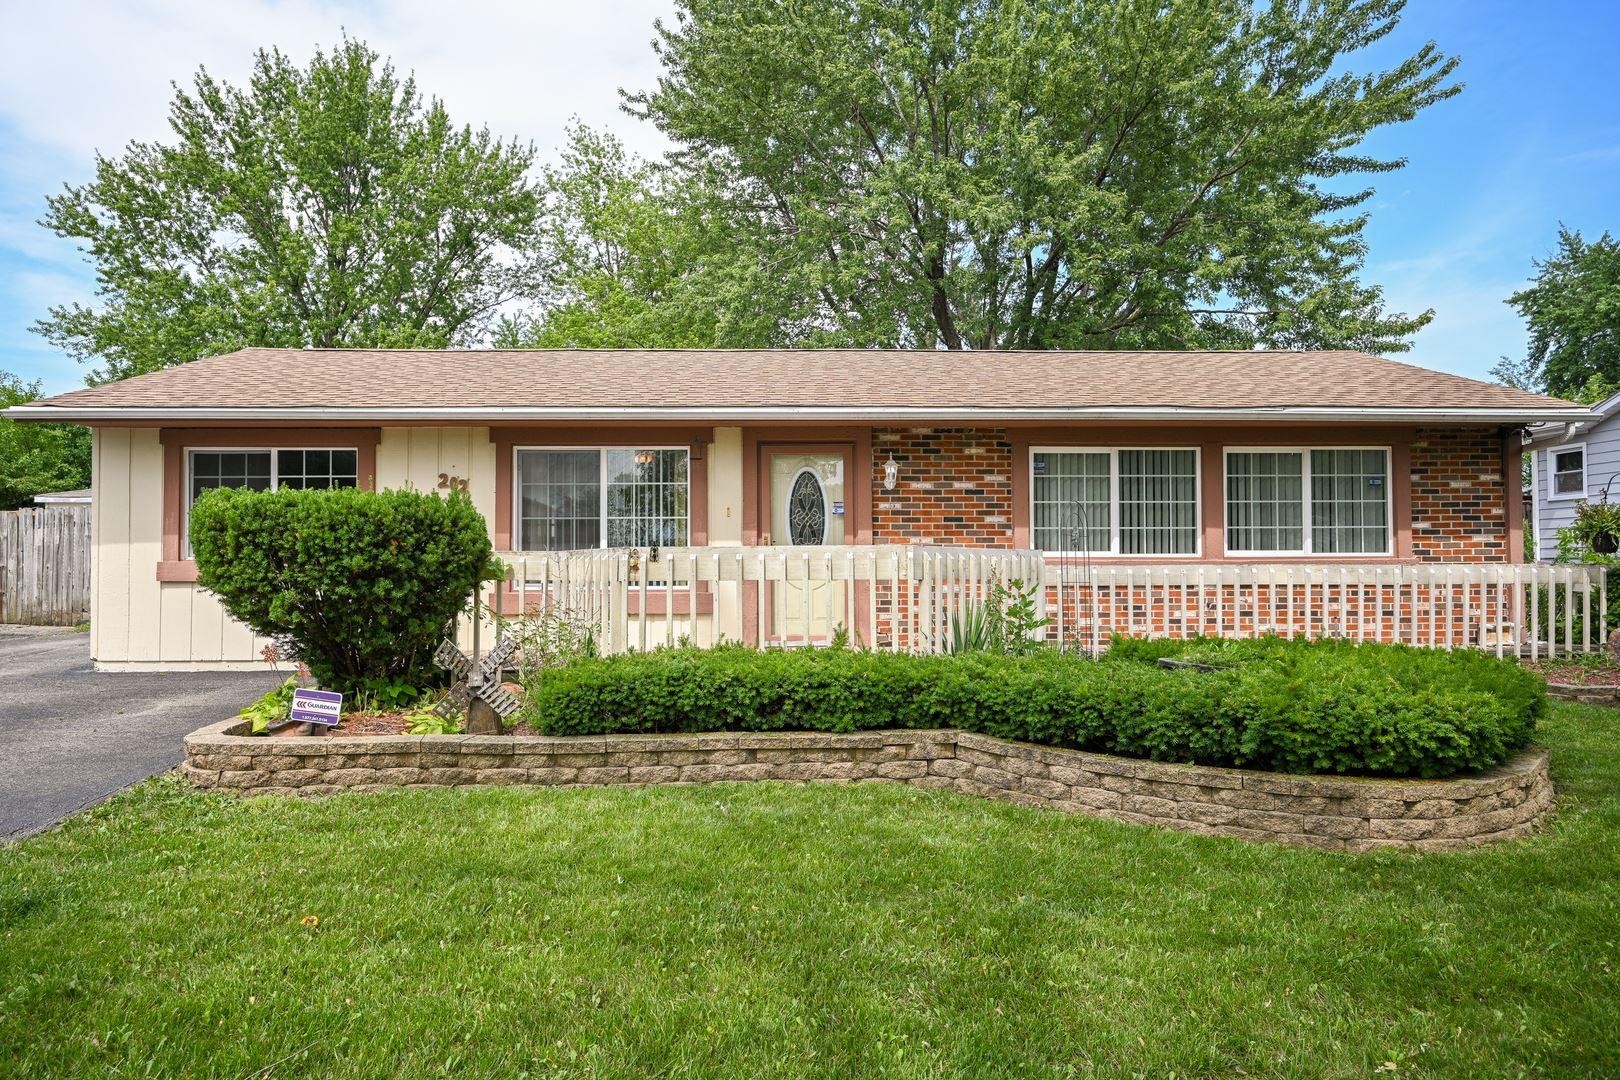 Photo of 202 Galewood Drive, Bolingbrook, IL 60440 (MLS # 11148288)